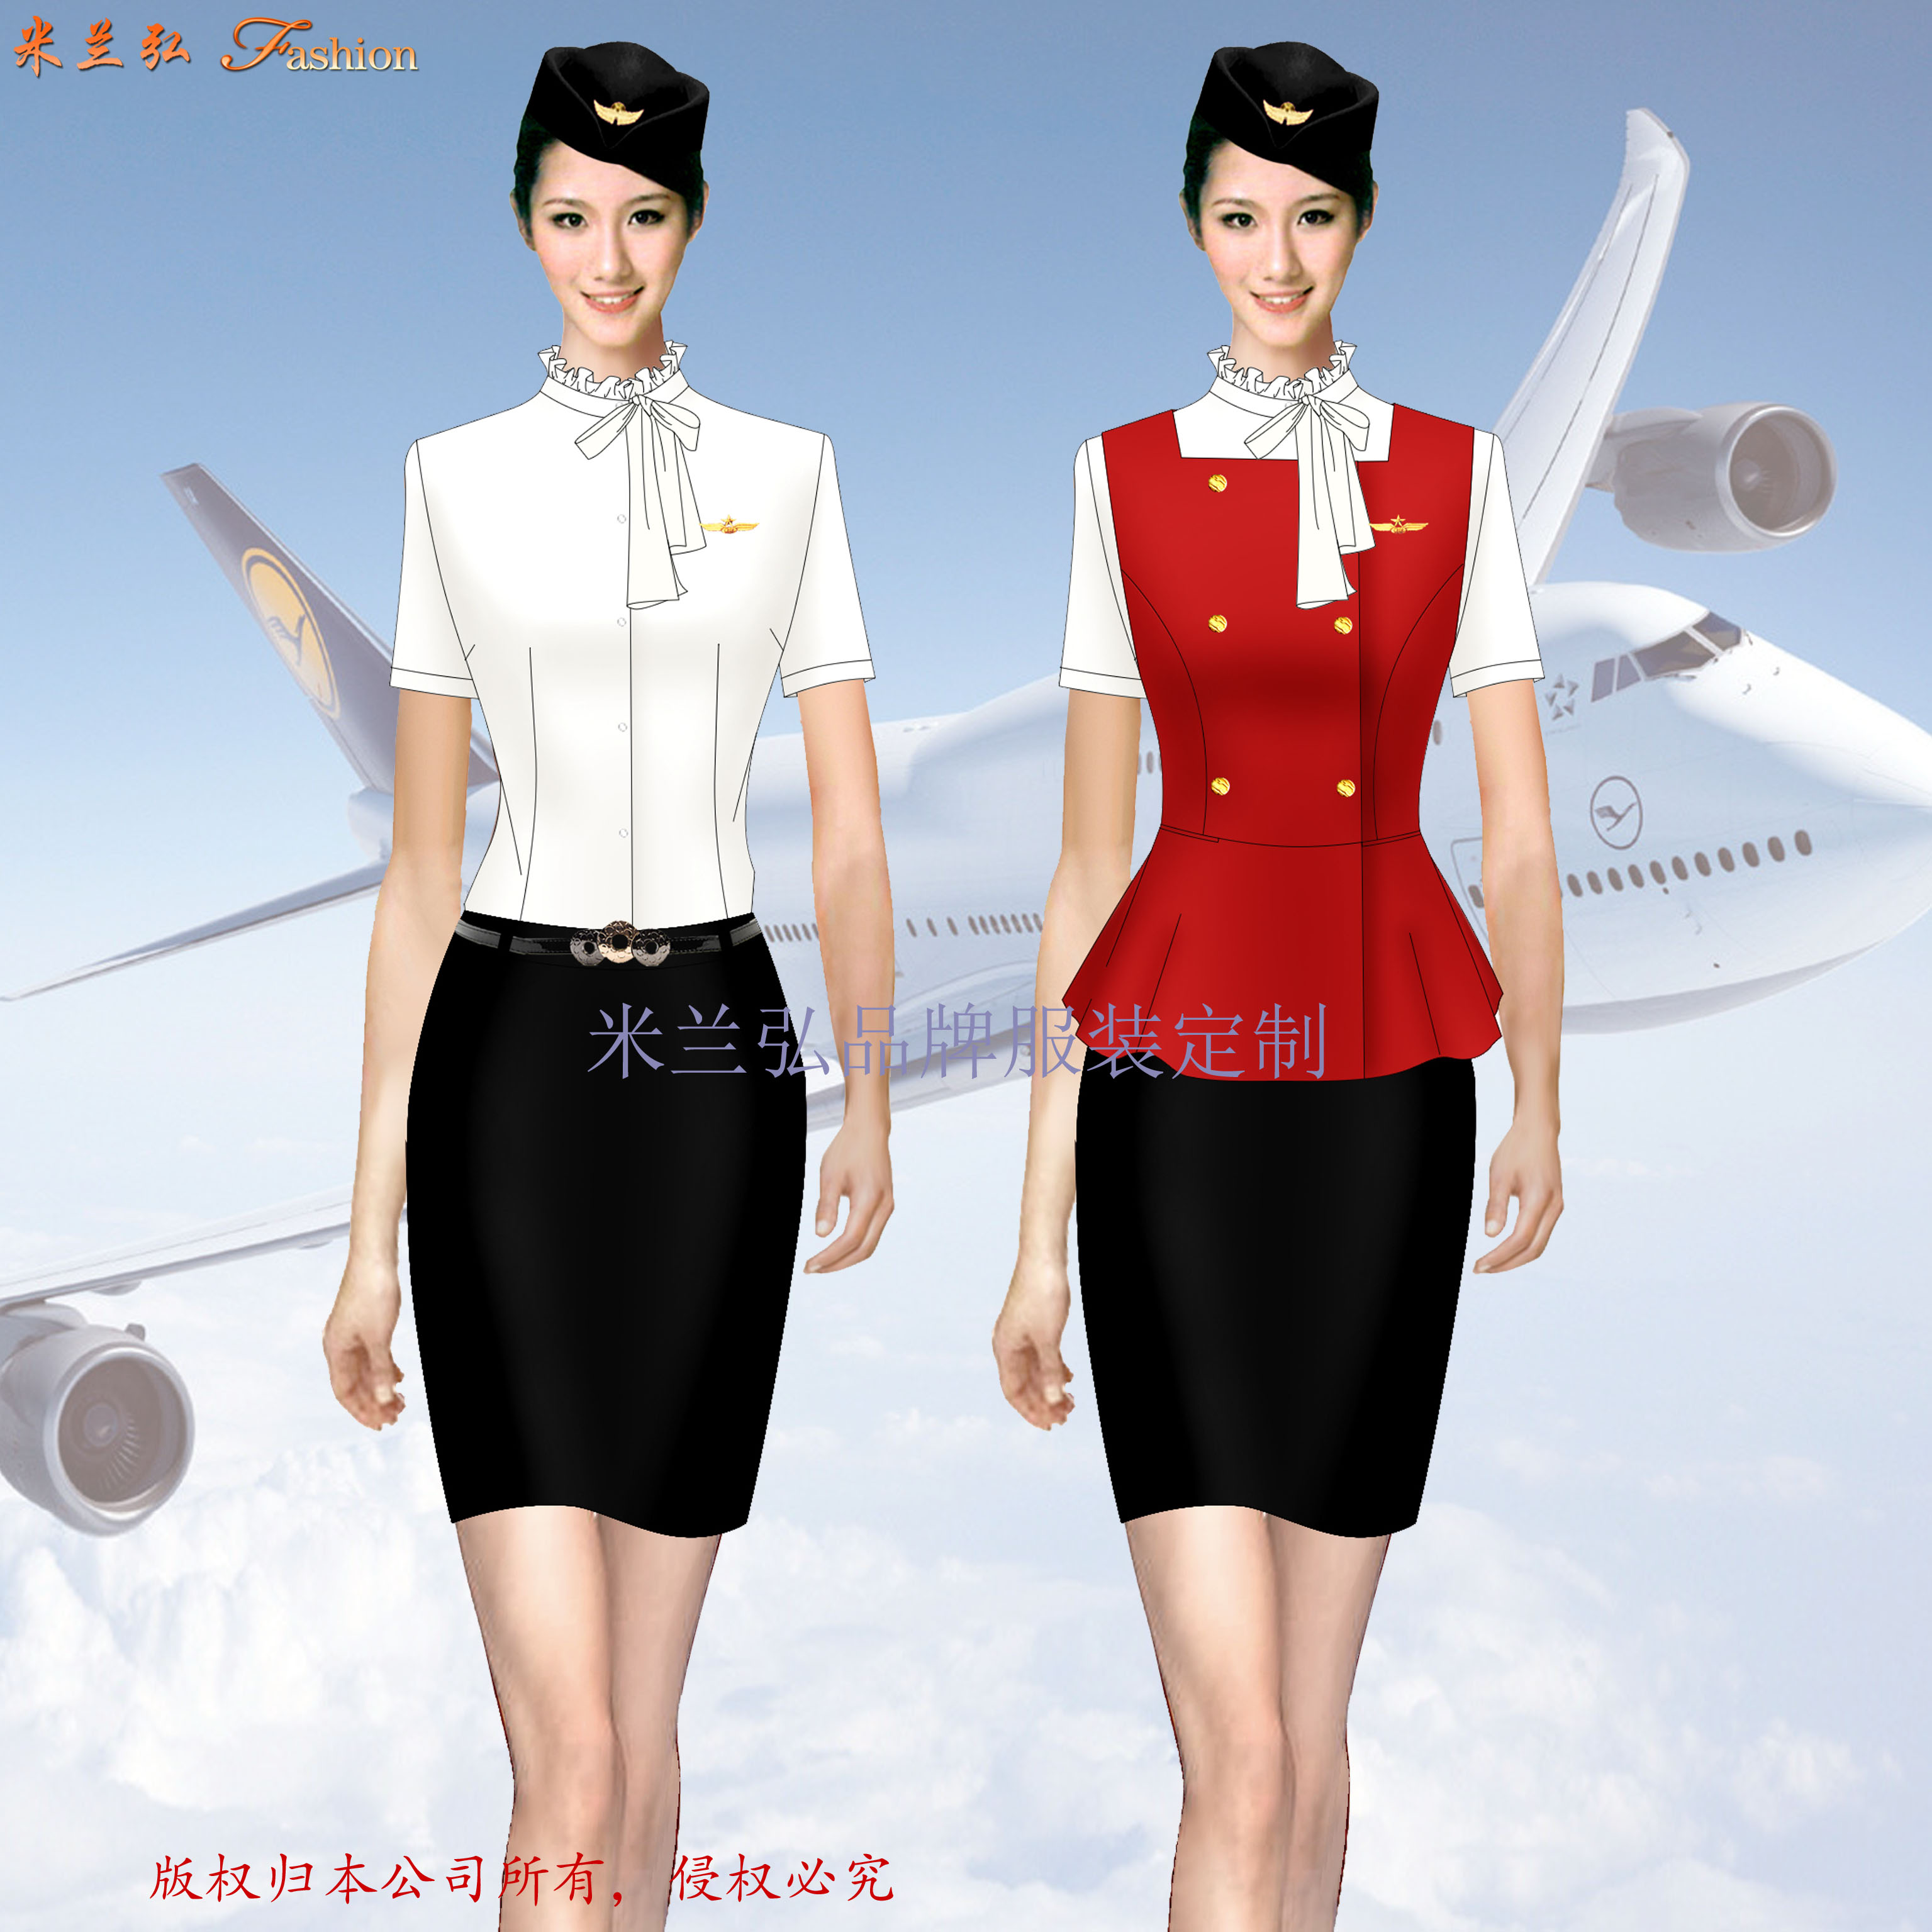 江西機場地勤服裝-機場職業裝定制-米蘭弘服裝-1